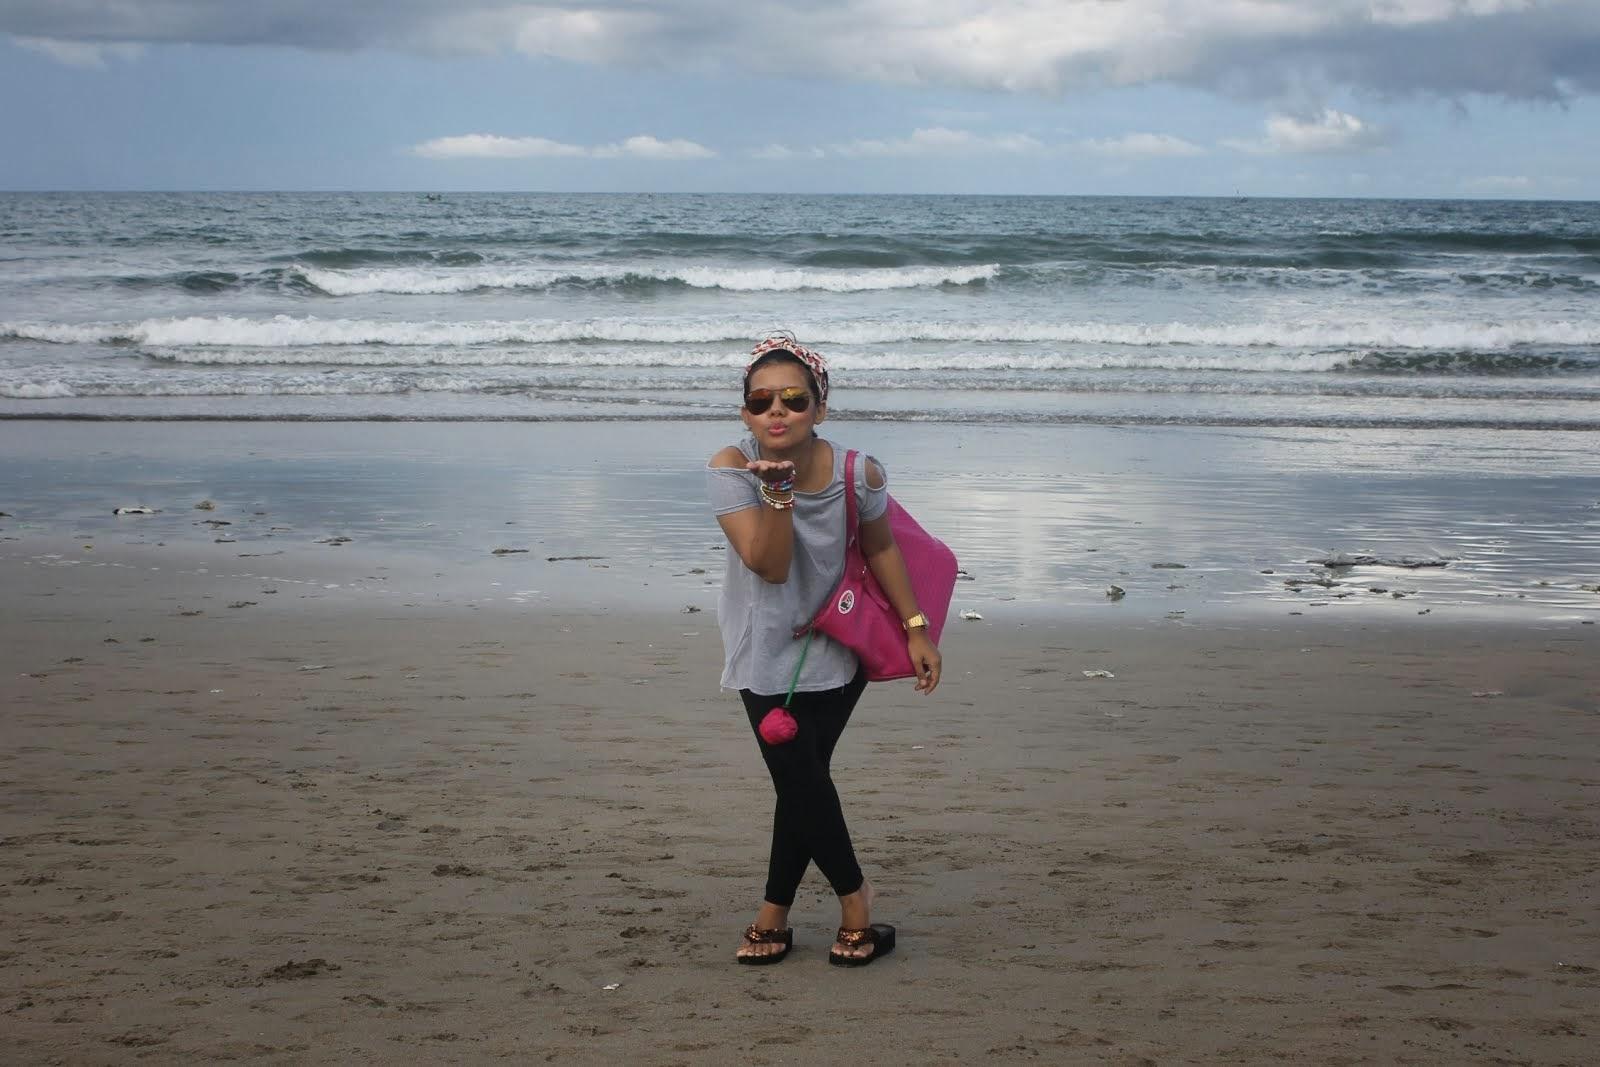 At Kuta Beach